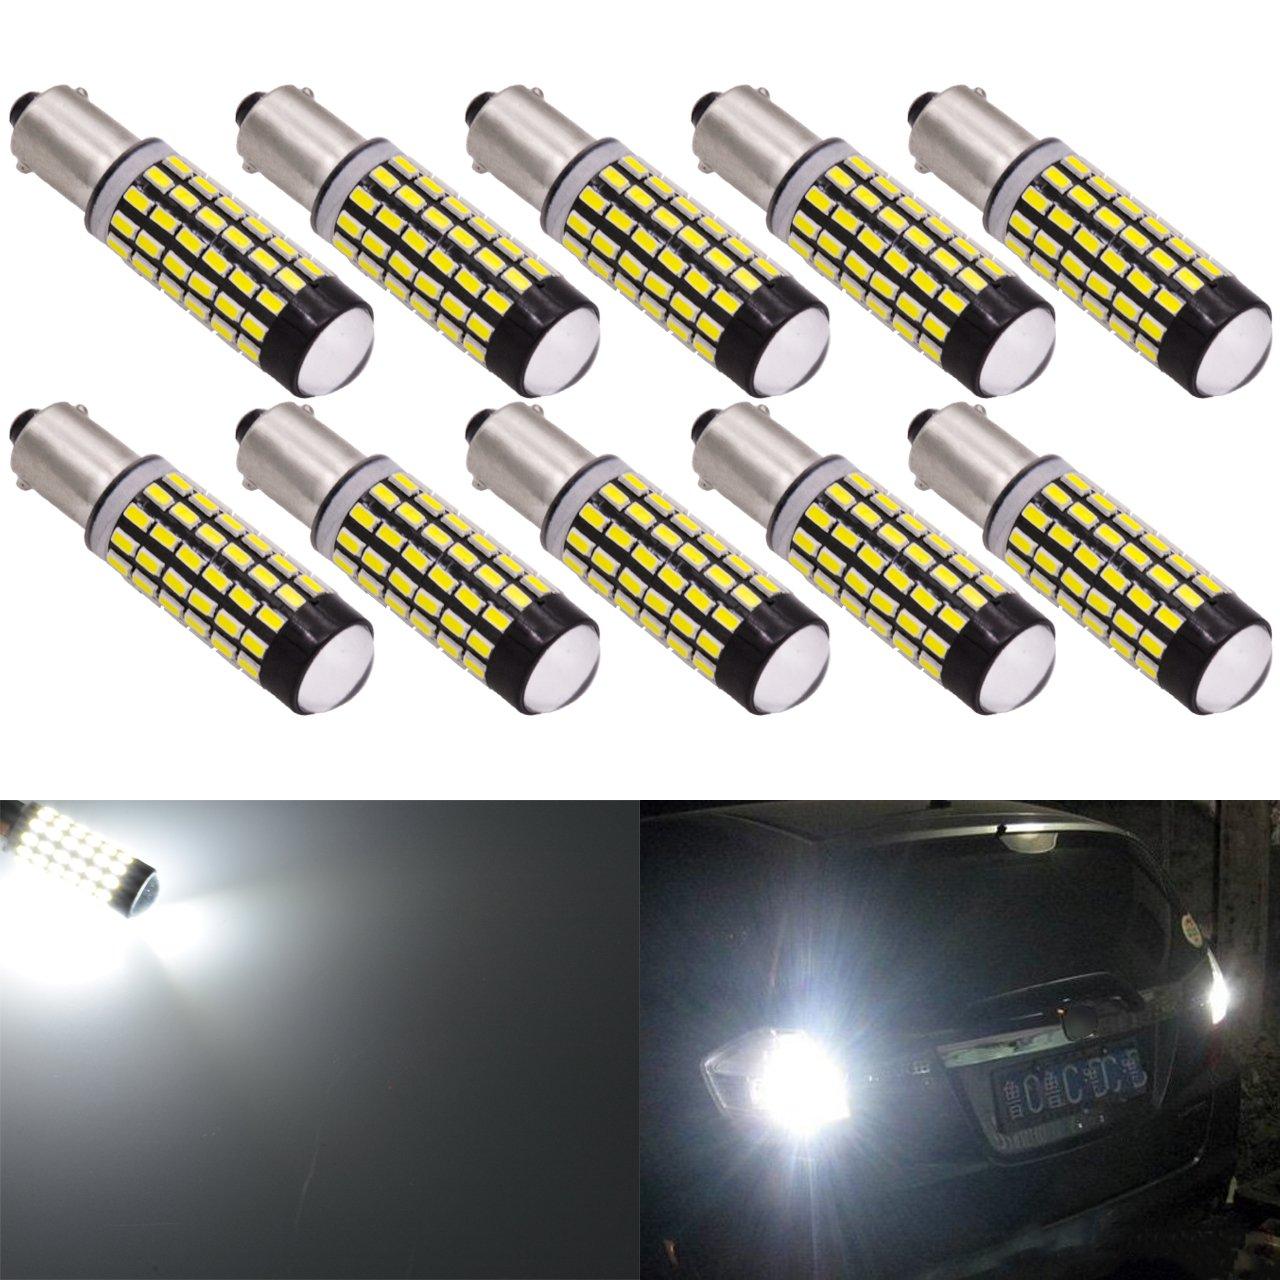 KaTur 2pcs 900 Lumens 1157 BAY15D 1016 1034 7528 Base Super Bright 3014 78SMD Lens LED Bulbs Brake Turn Signal Tail Backup Reverse Brake Light Lamp Red 12V 4W